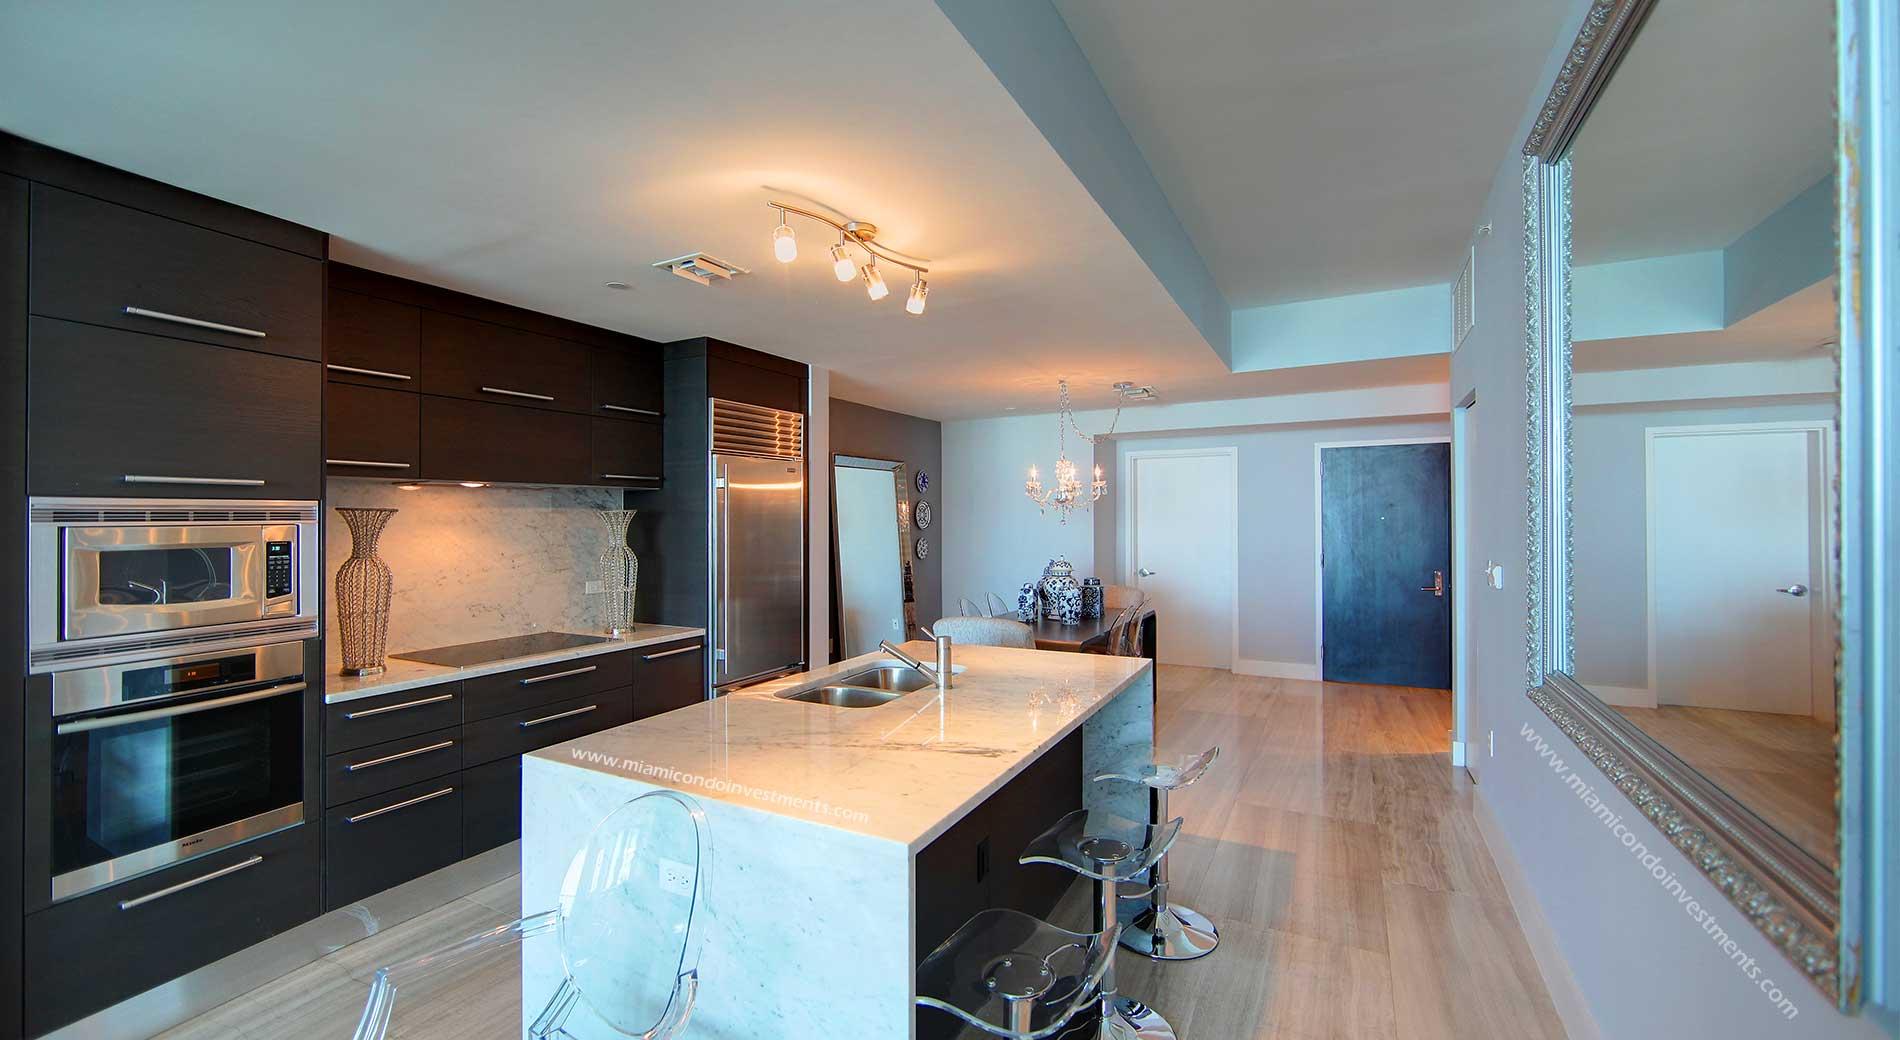 Best Home Decor Website